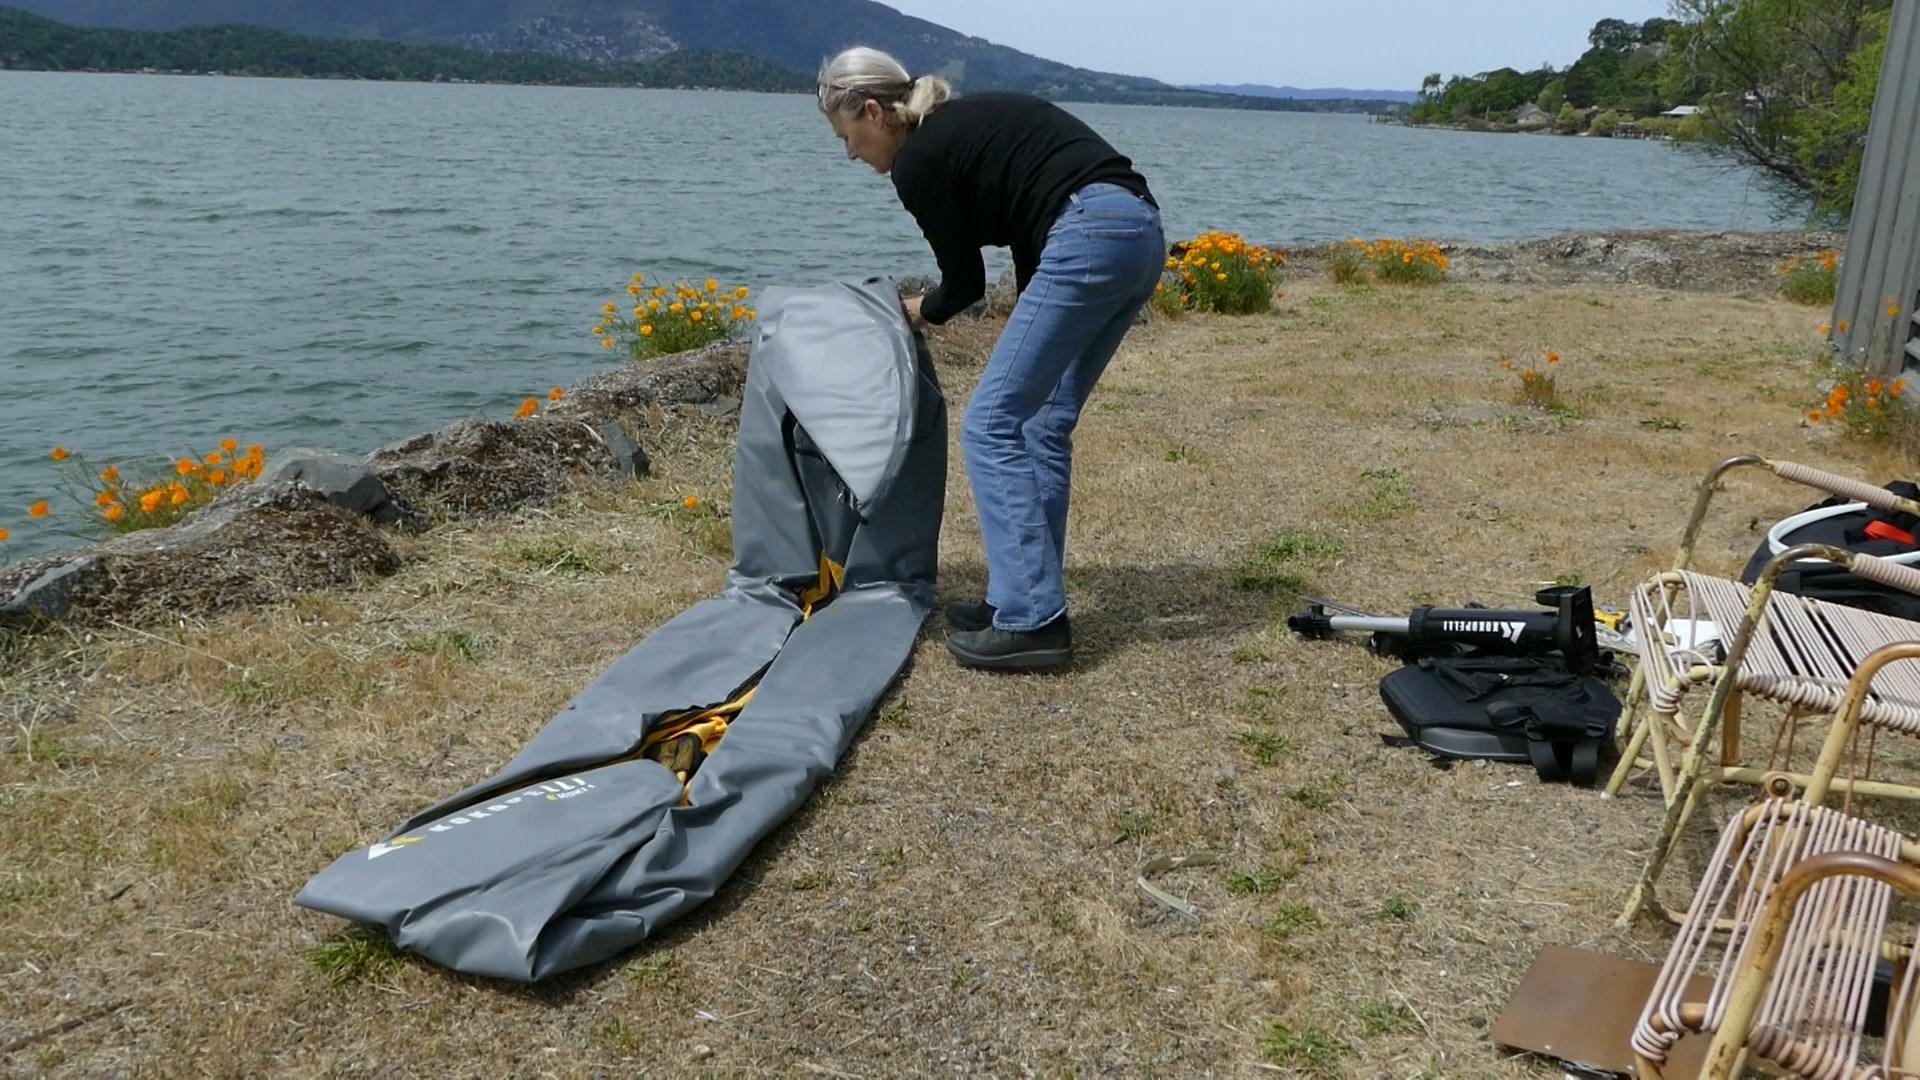 Folding the kayak.